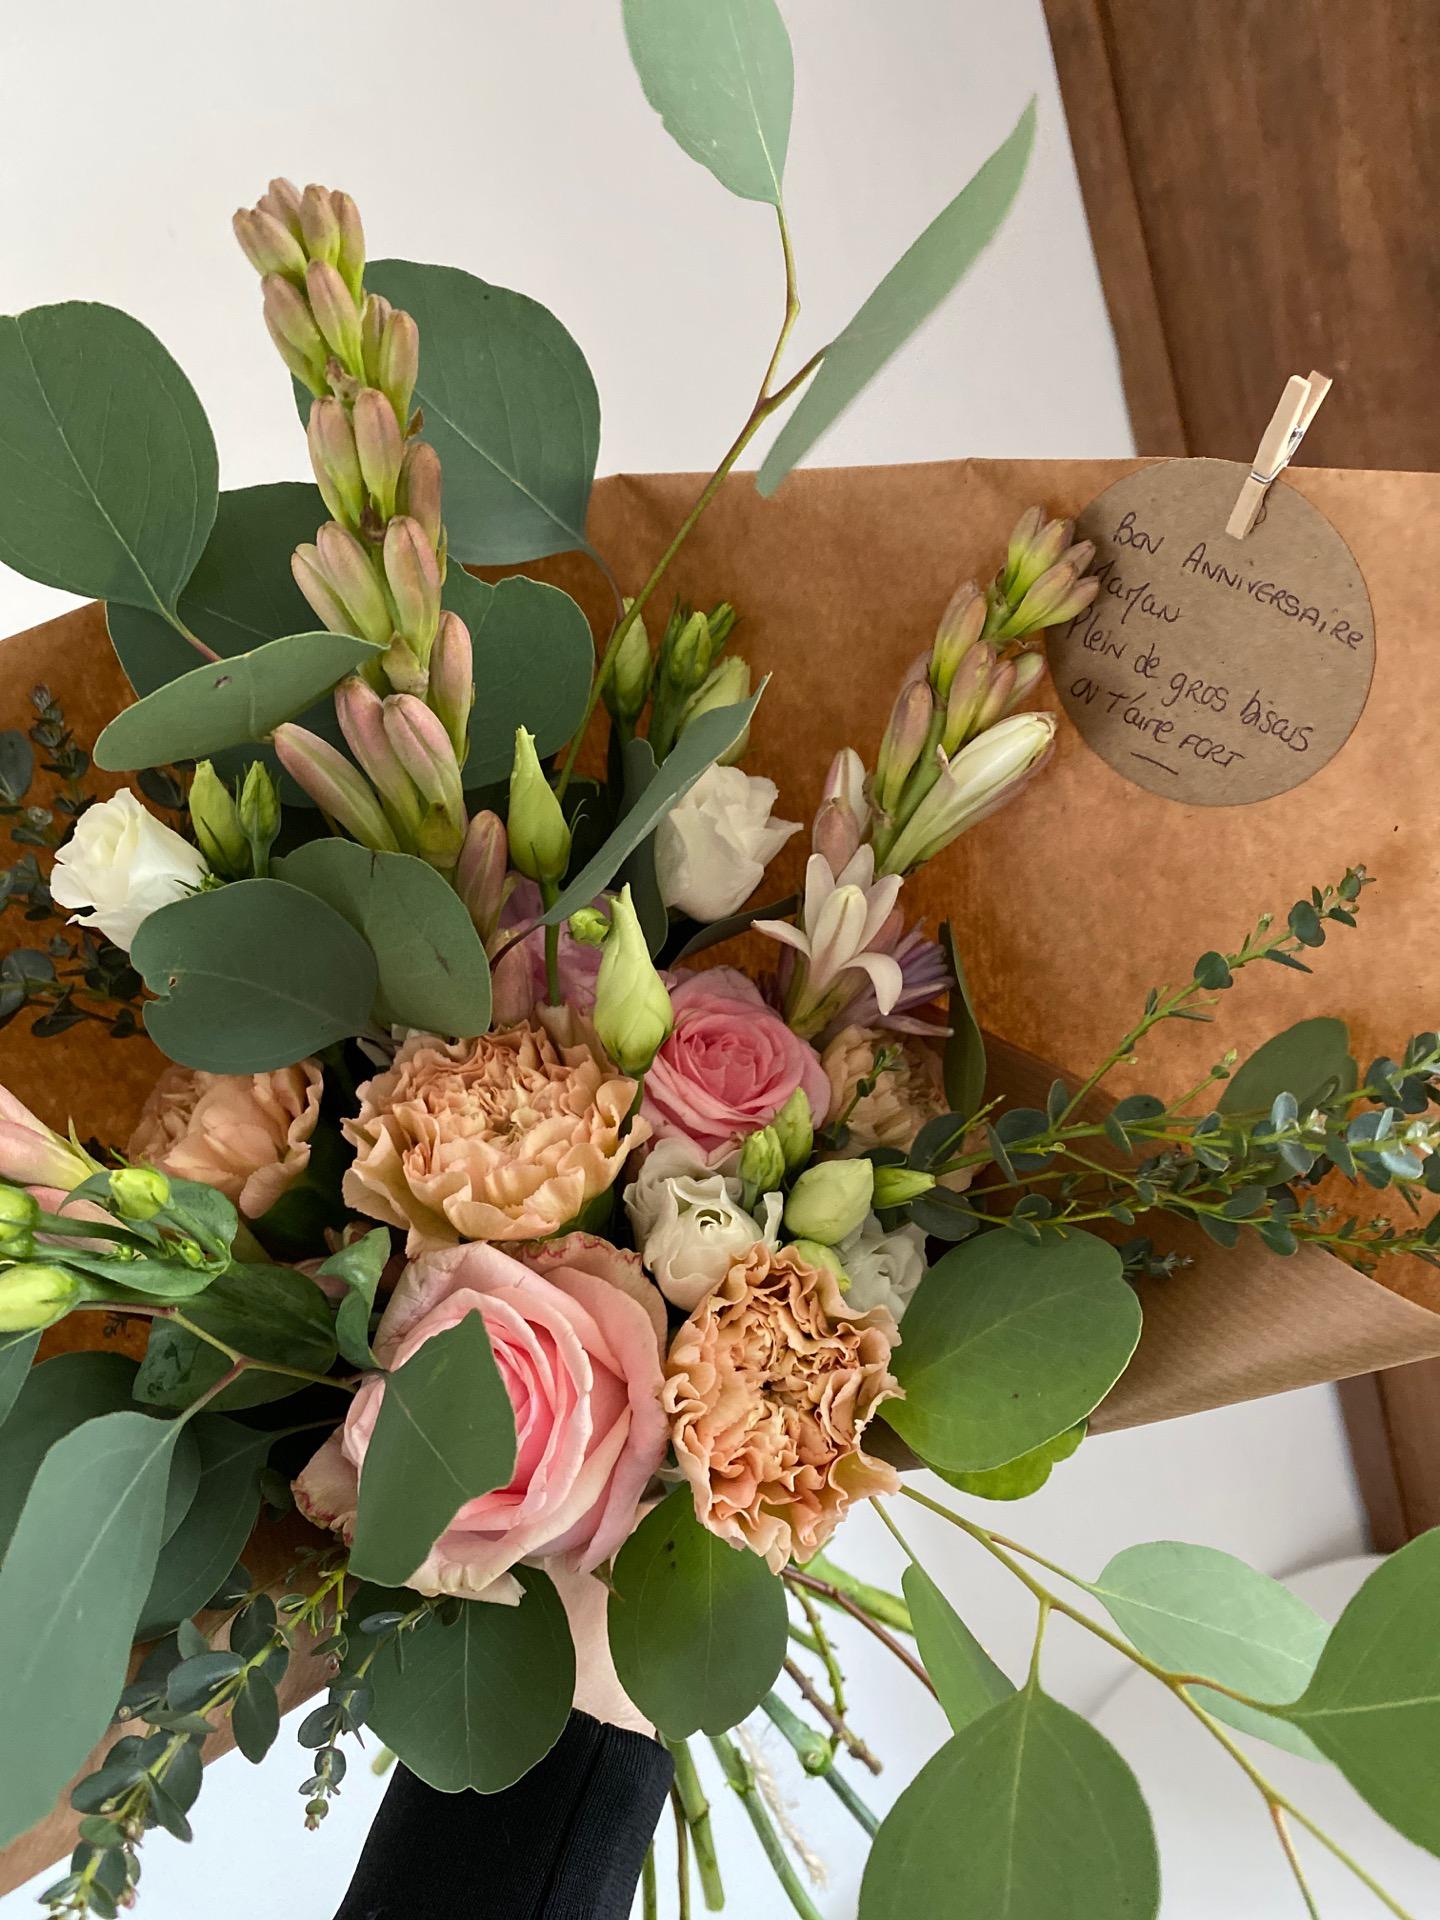 Livraison bouquet sur mesure par artisan fleuriste Les Oeillets d'Amour à Parigné-Le-Pôlin